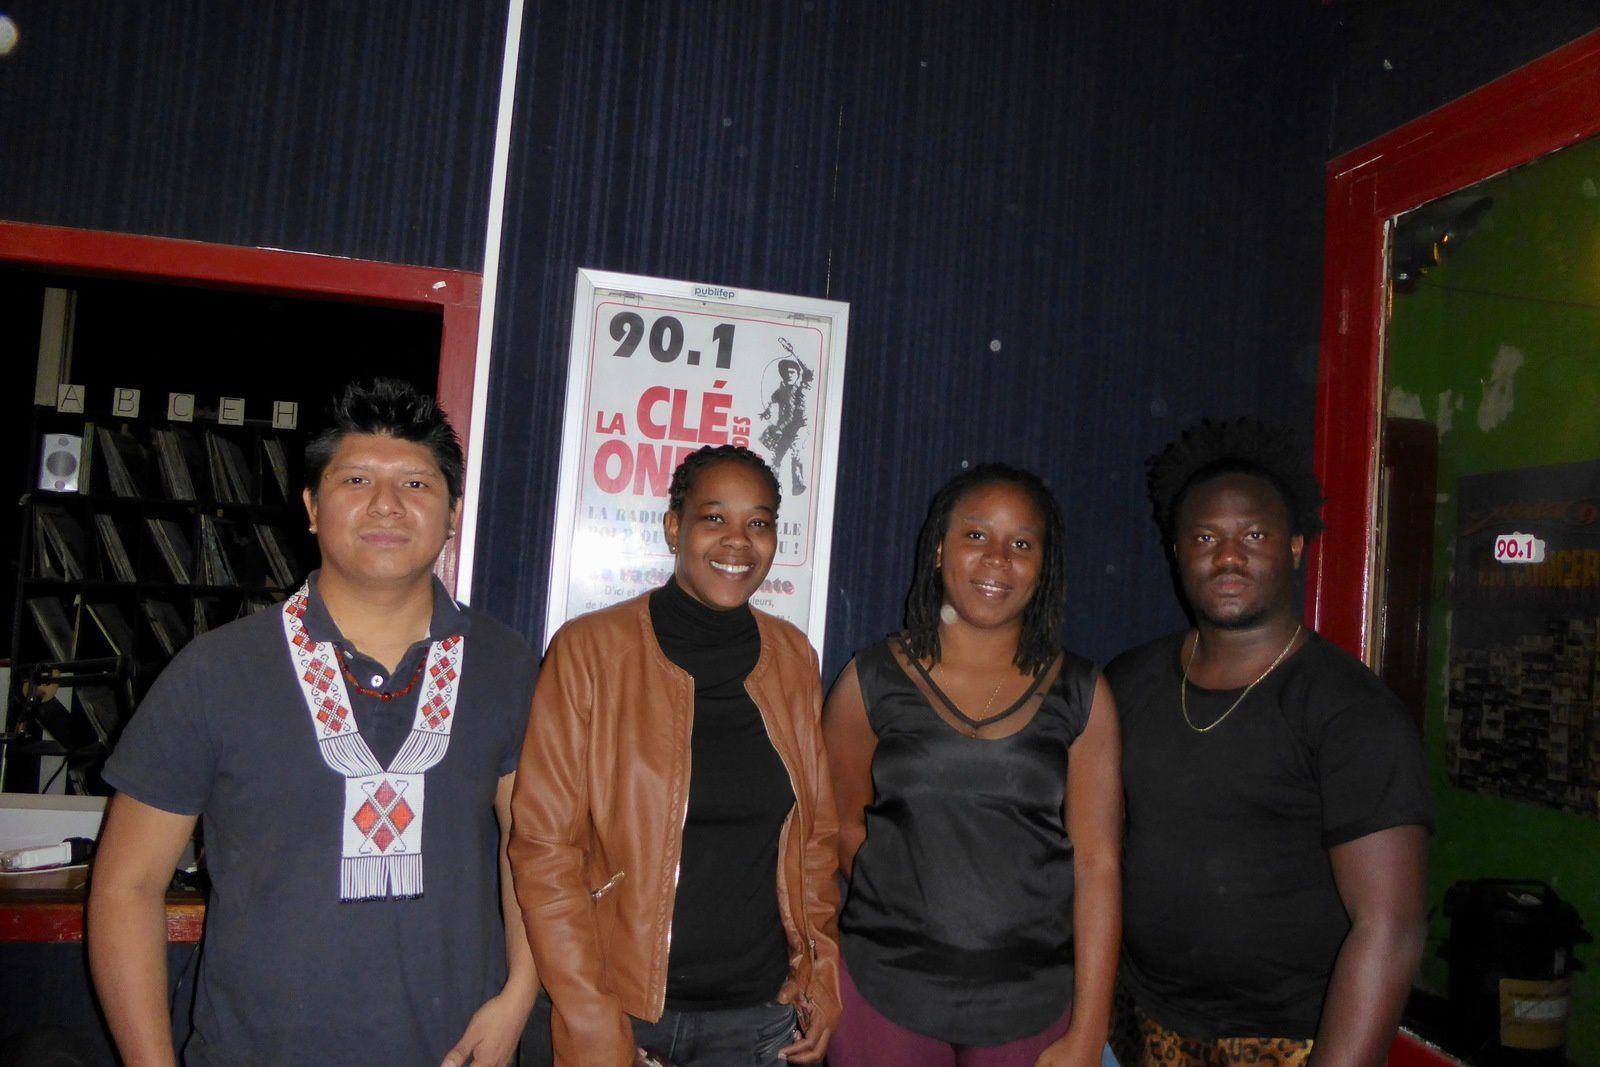 Quatre jeunes Guyanais et Guyanaise, Ludovic, Shana, Marie-Lise et Gerald sont venus nous expliquer